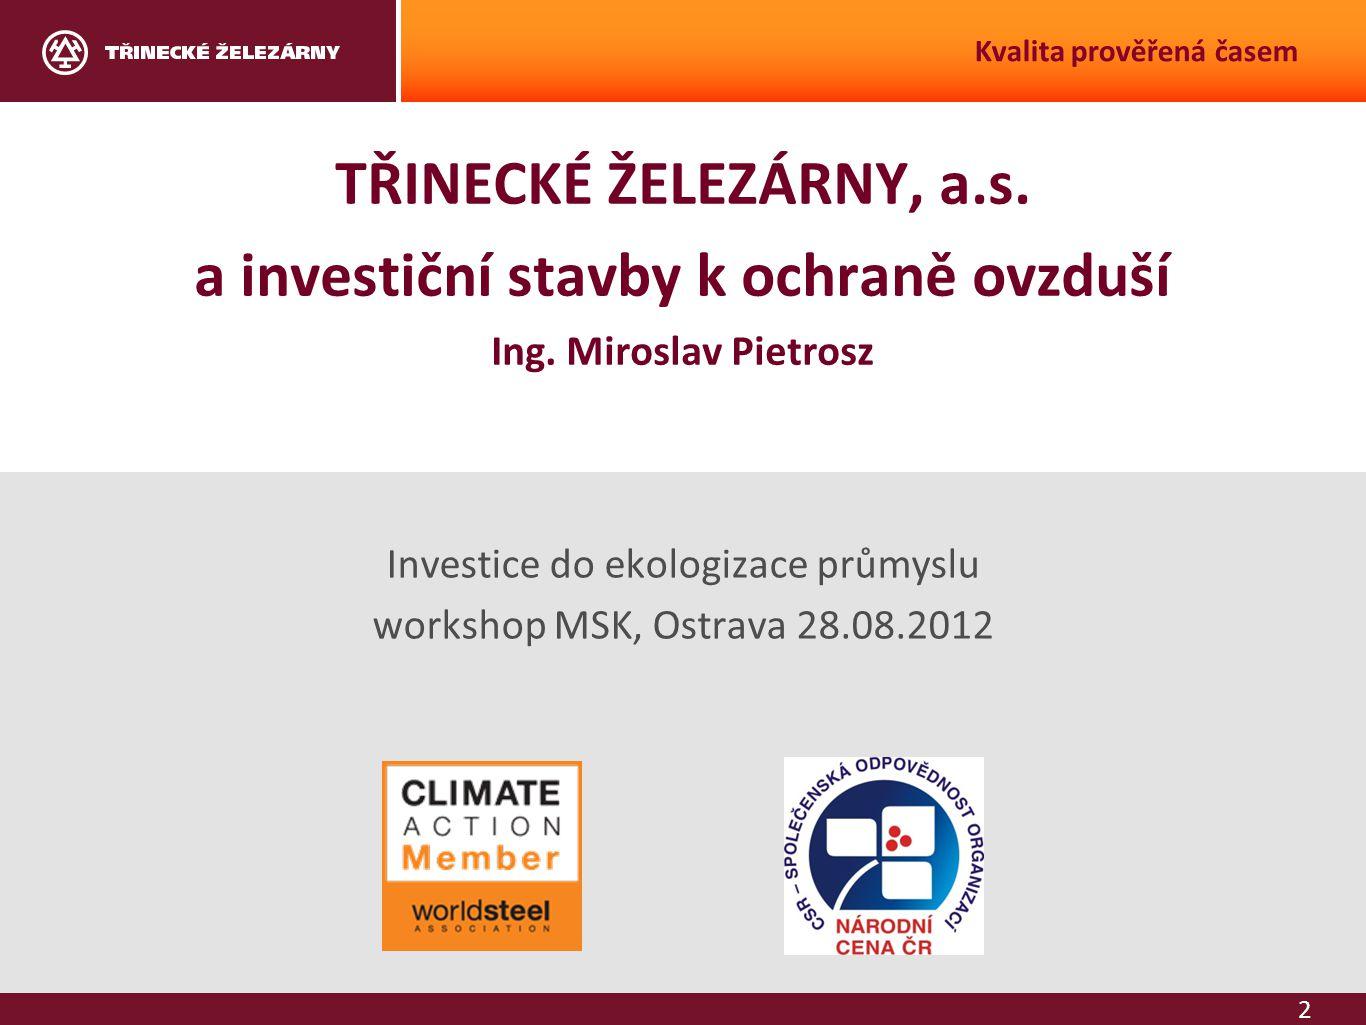 Investice do ekologizace průmyslu workshop MSK, Ostrava 28.08.2012